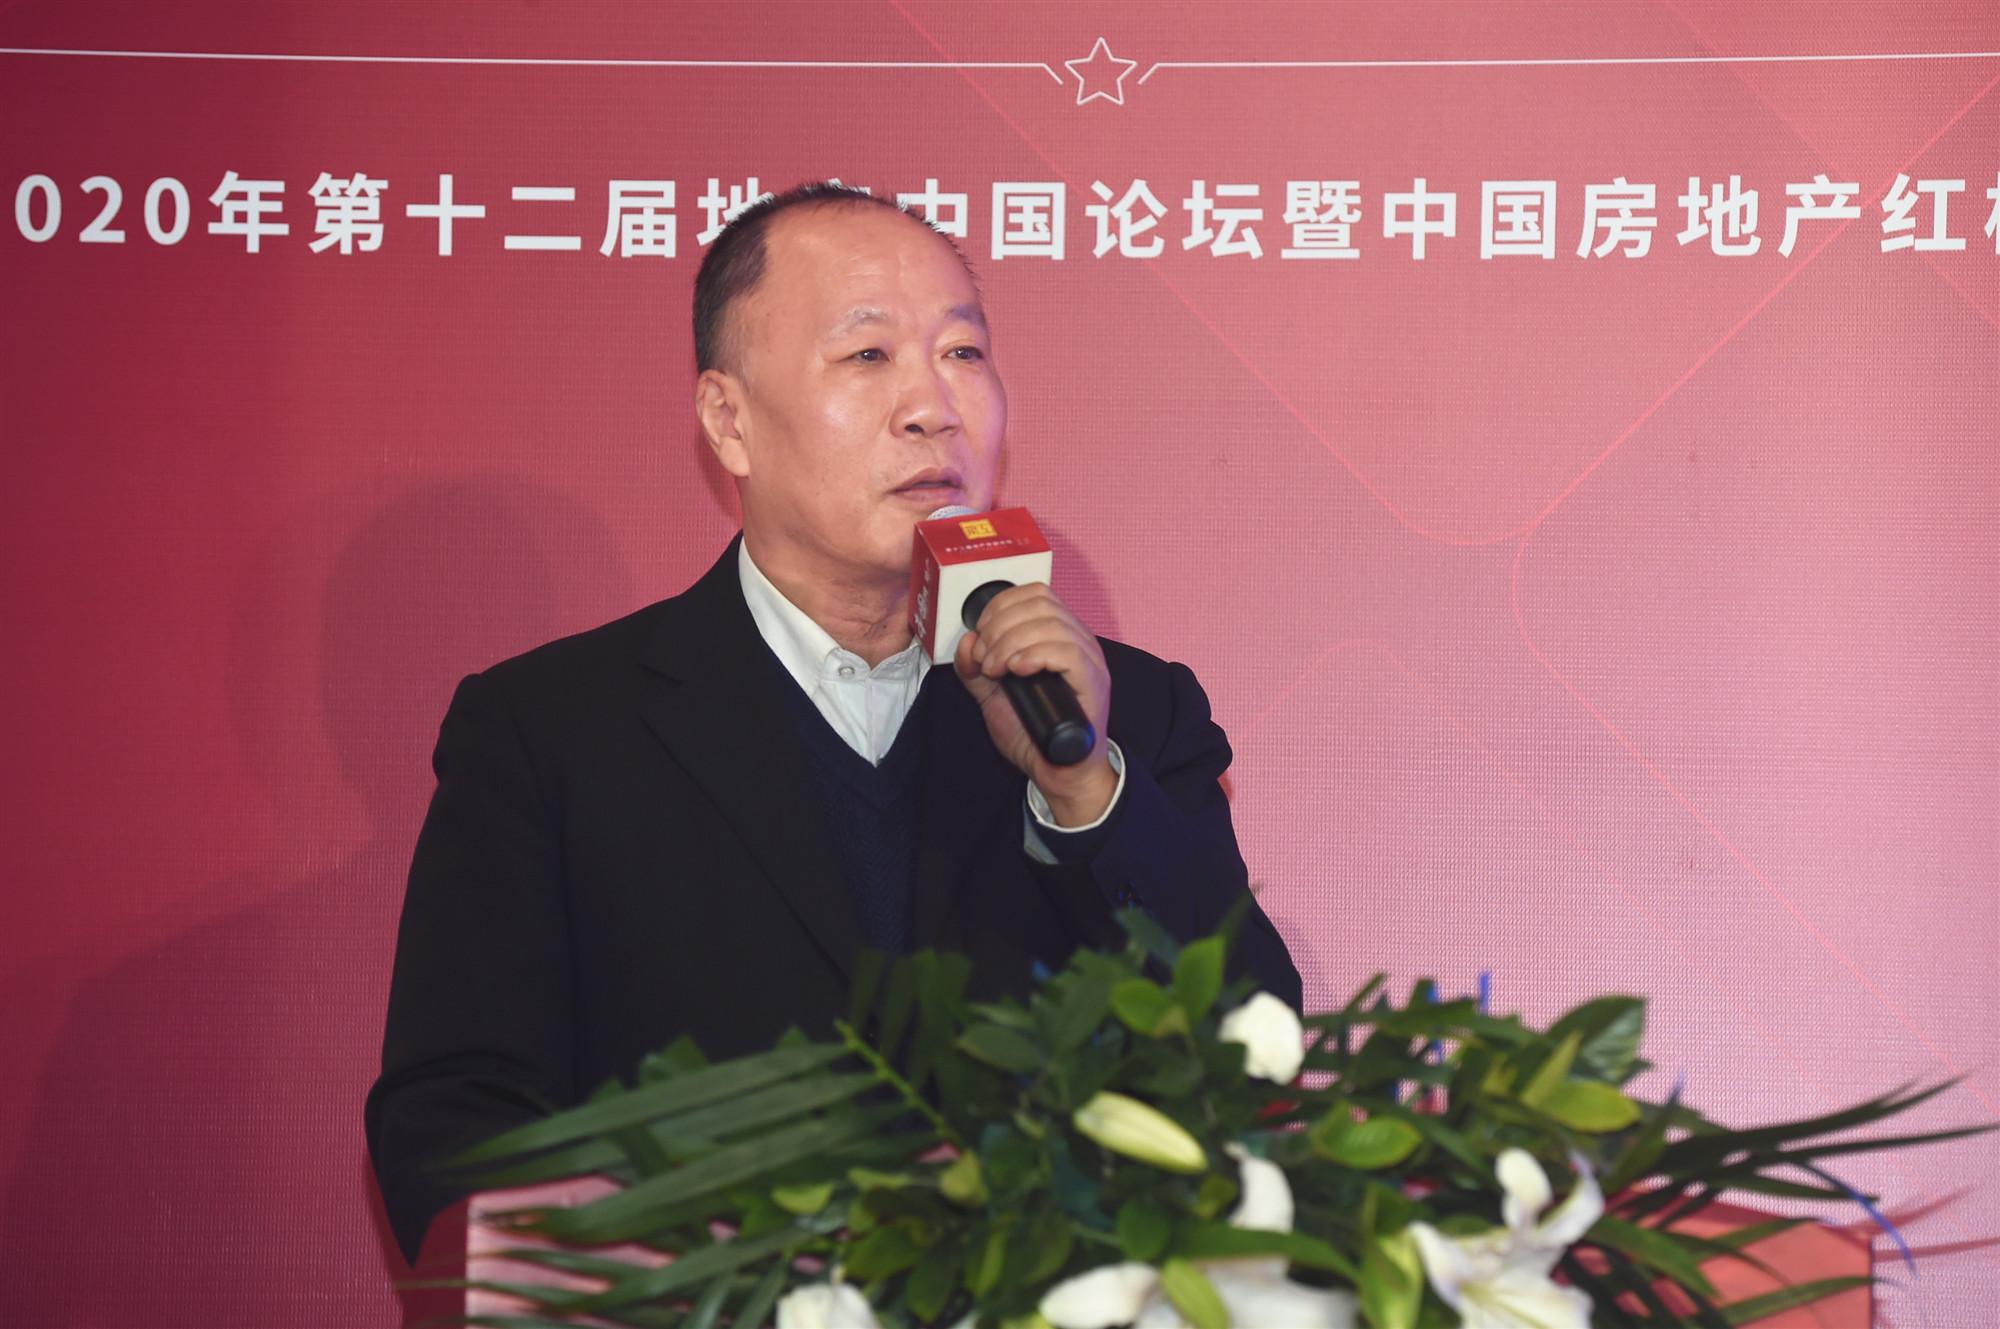 范剑平:2021年坚持稳中求进的宏观政策部署-中国网地产